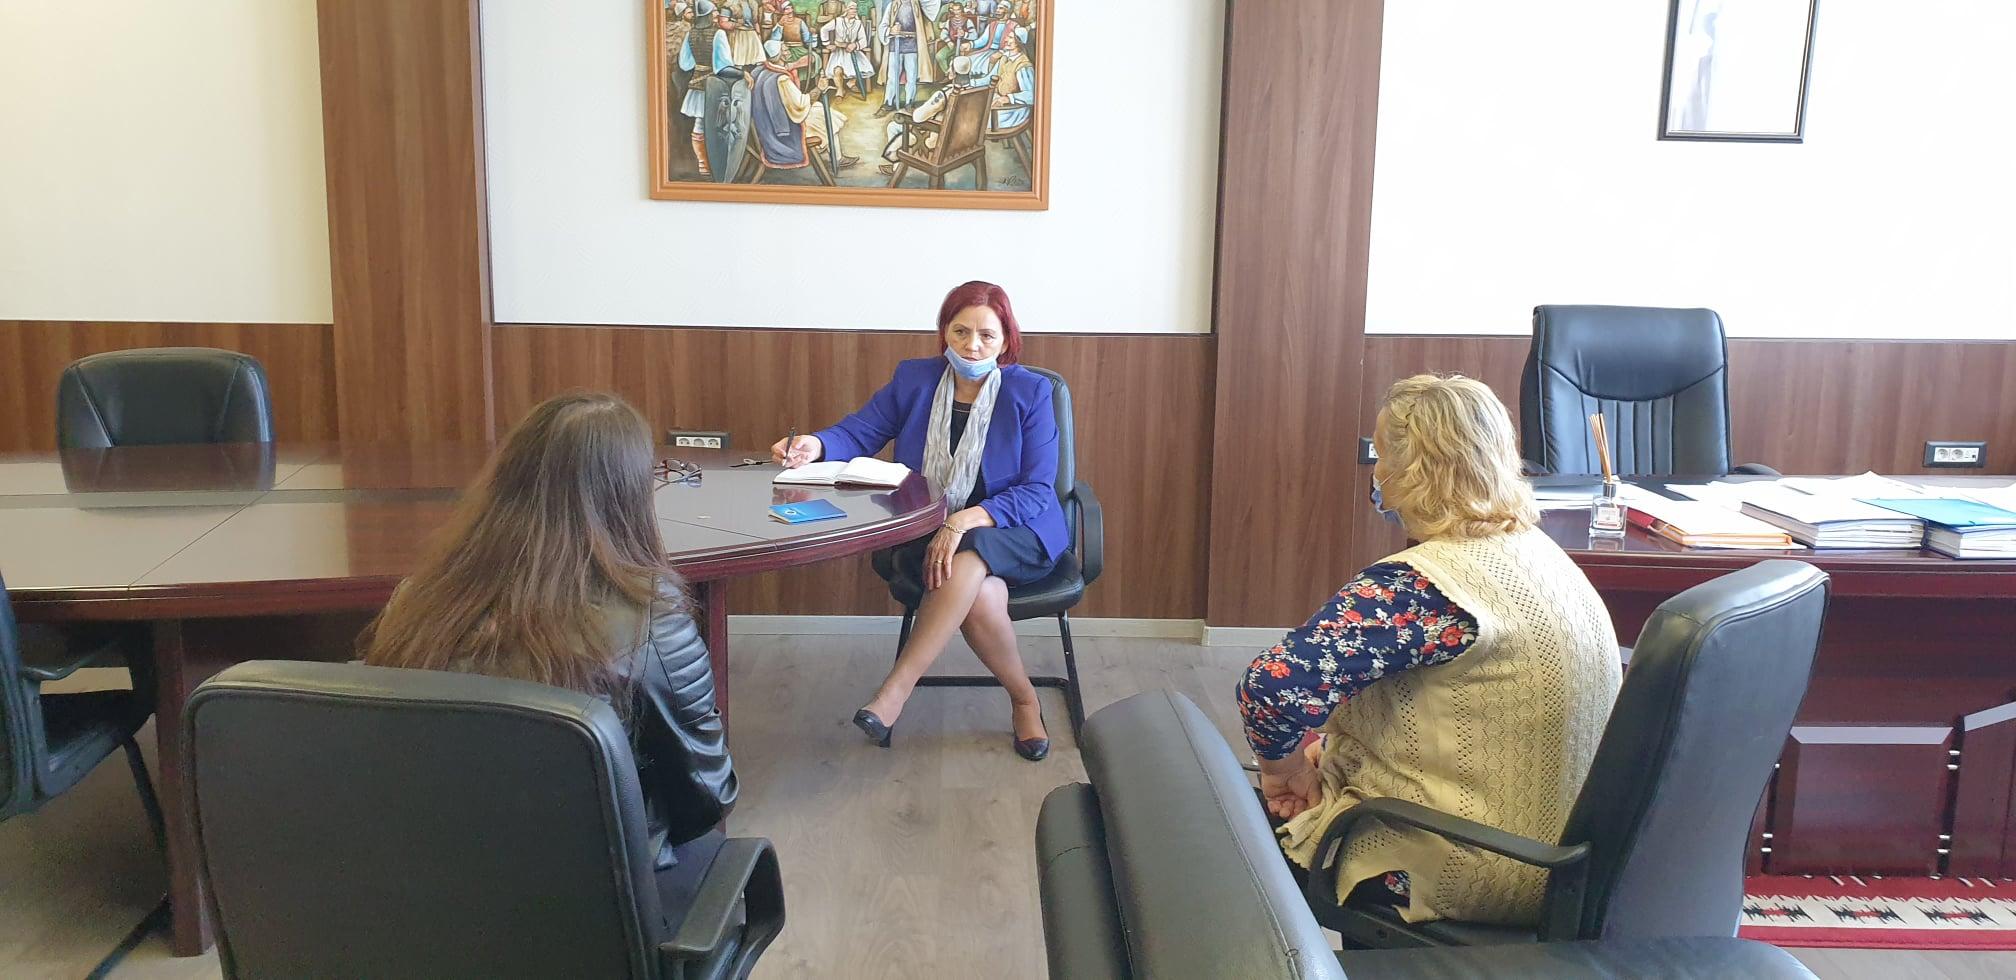 Komuna Suharekë: Edhe sot kanë vazhduar takimet me qytetarë